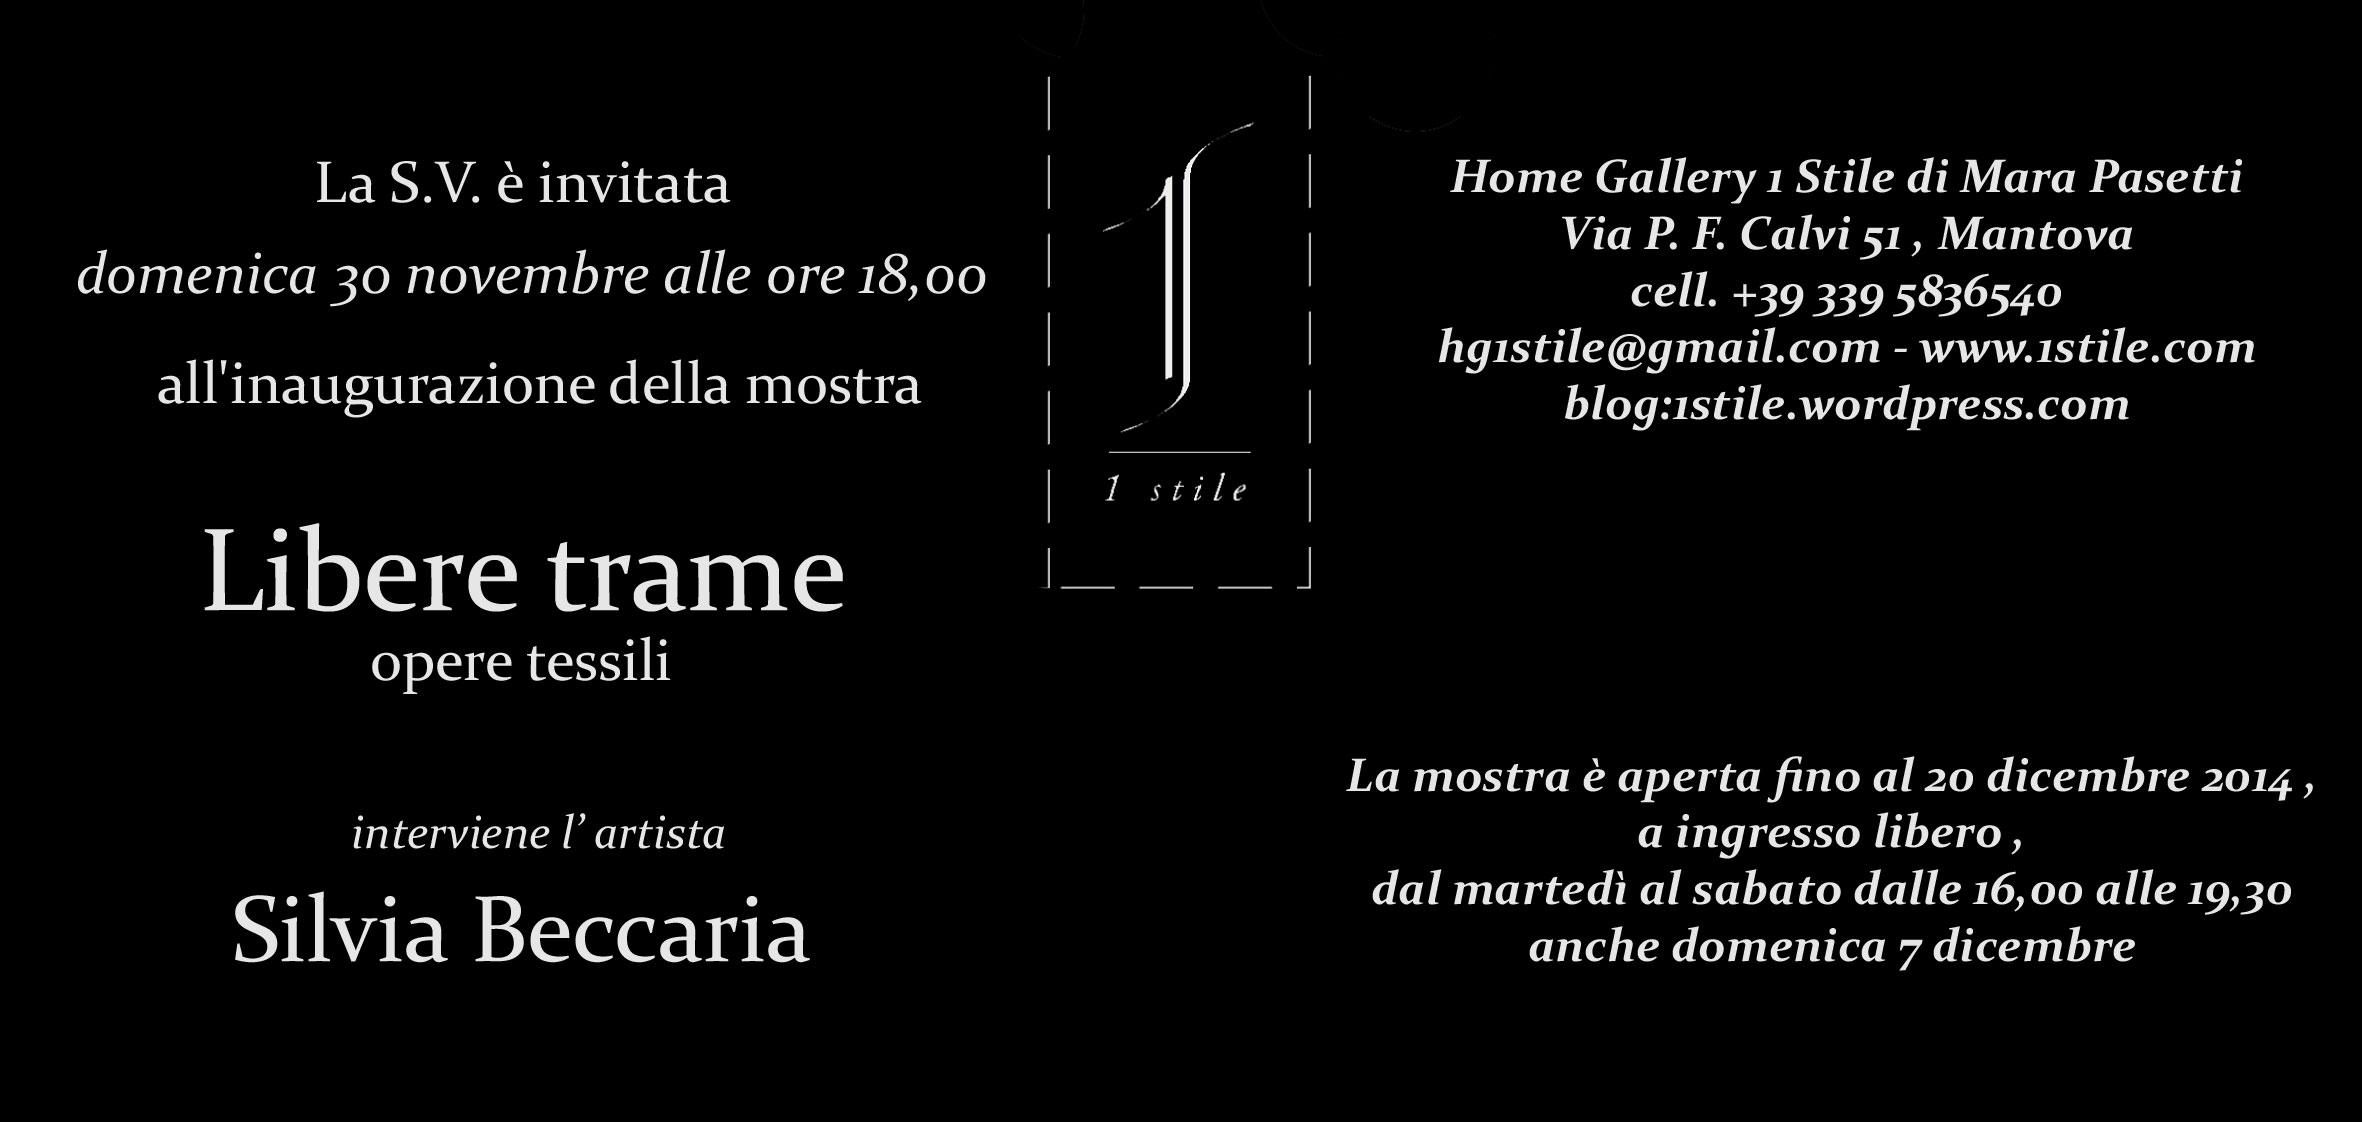 INVITO-RETRO-beccaria (1)